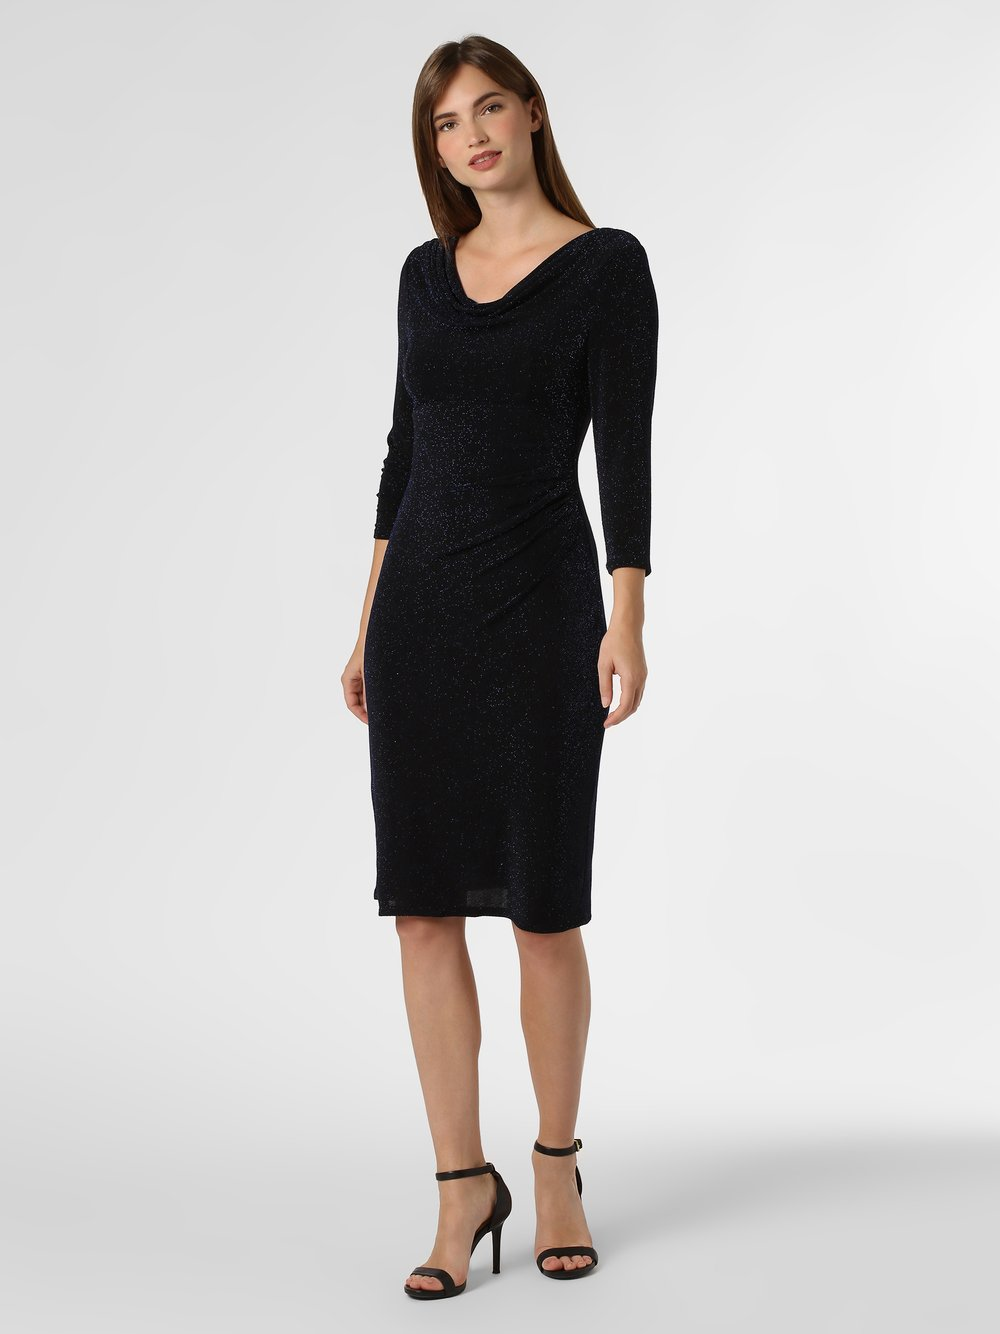 Ambiance – Damska sukienka wieczorowa, niebieski Van Graaf 449991-0002